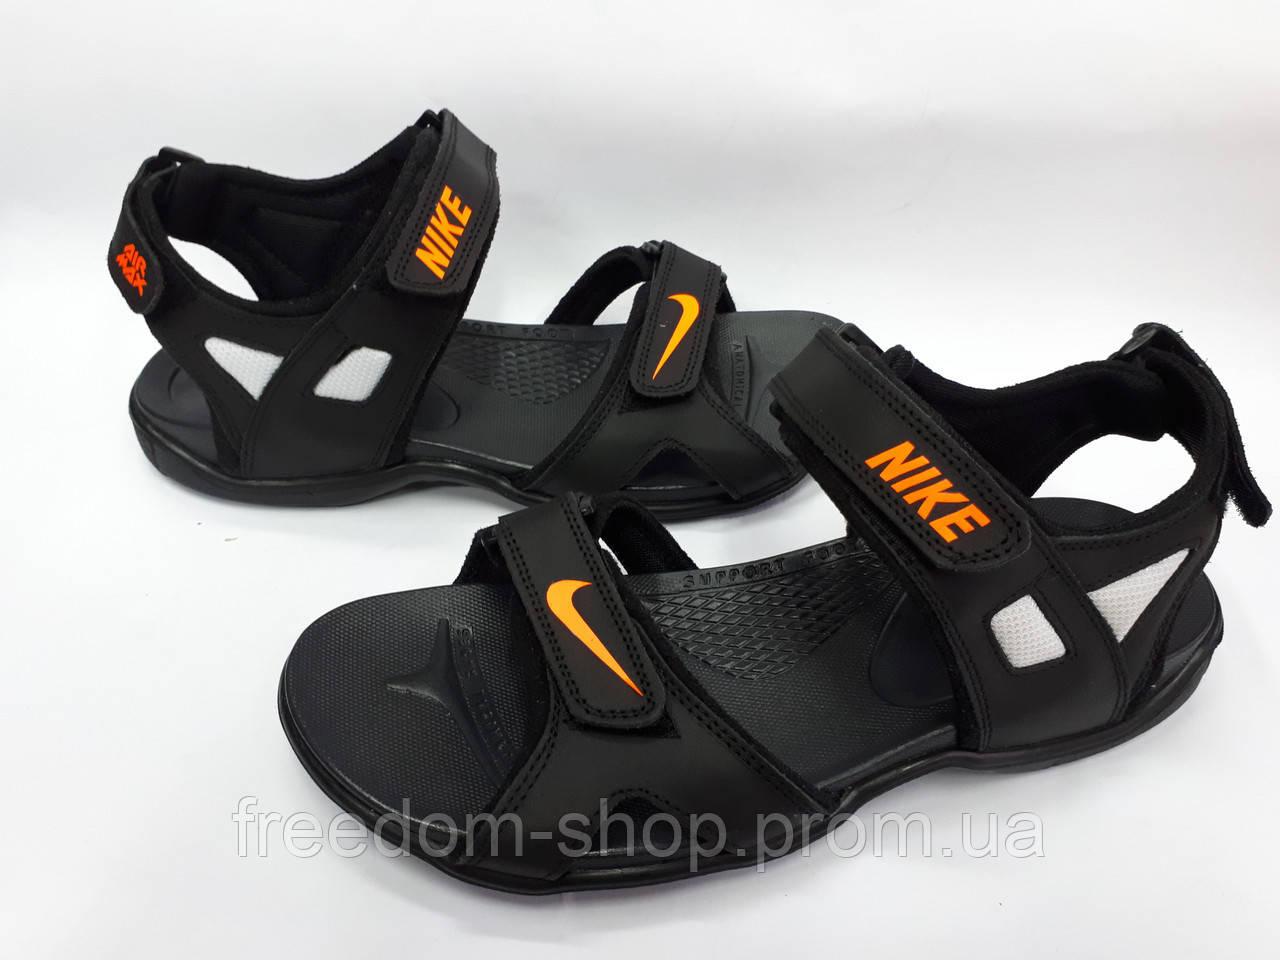 5bfb9cfb0057 Мужские сандалии Nike. Украина